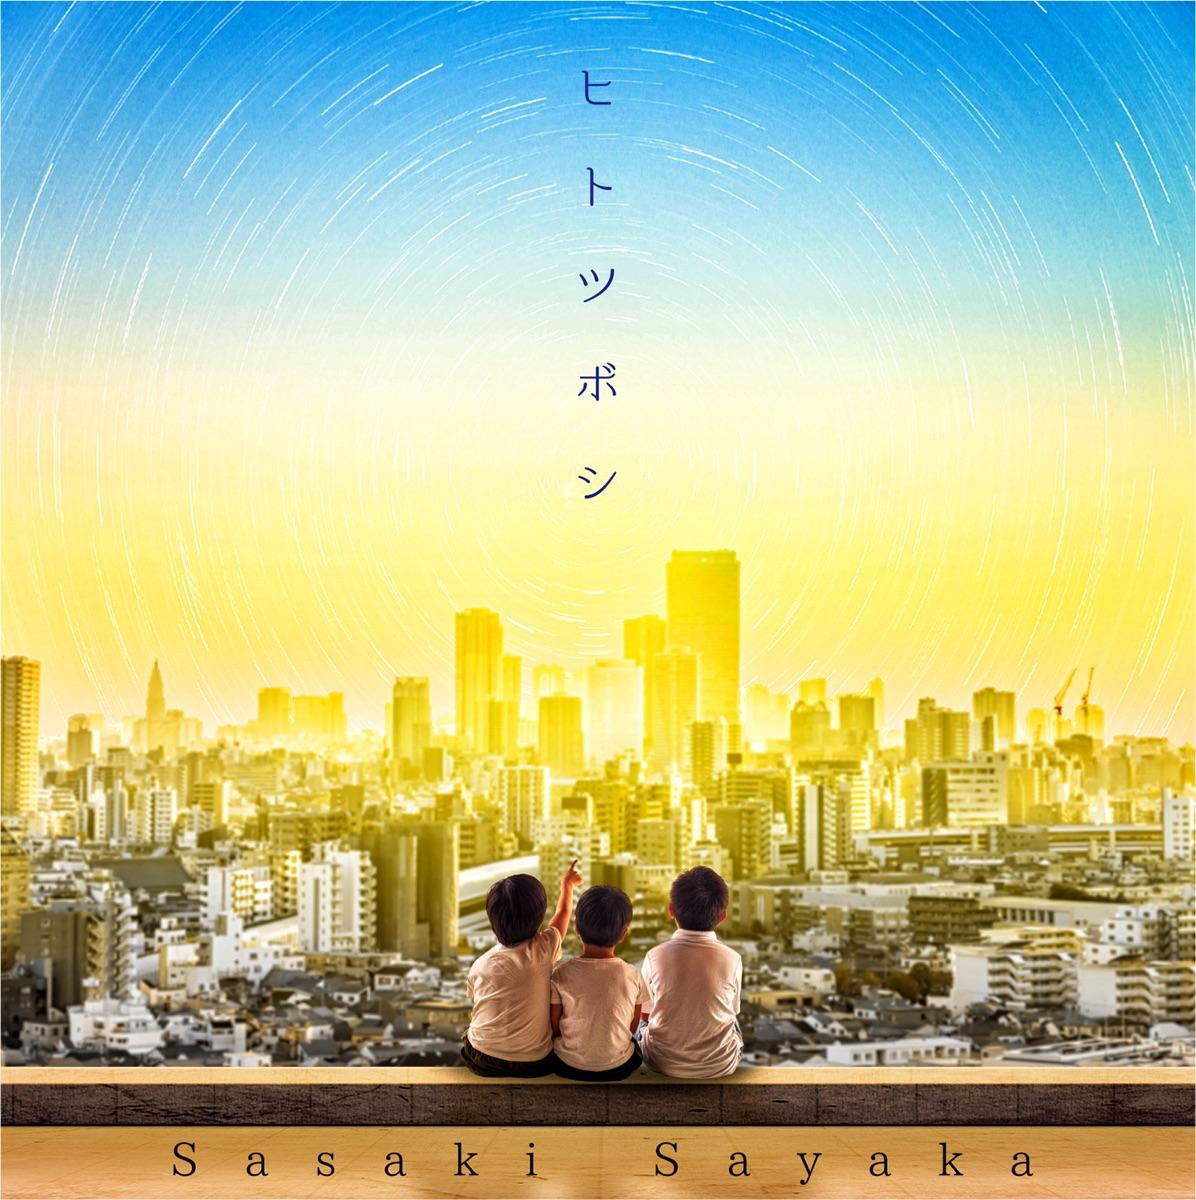 『佐咲紗花Go future』収録の『ヒトツボシ』ジャケット